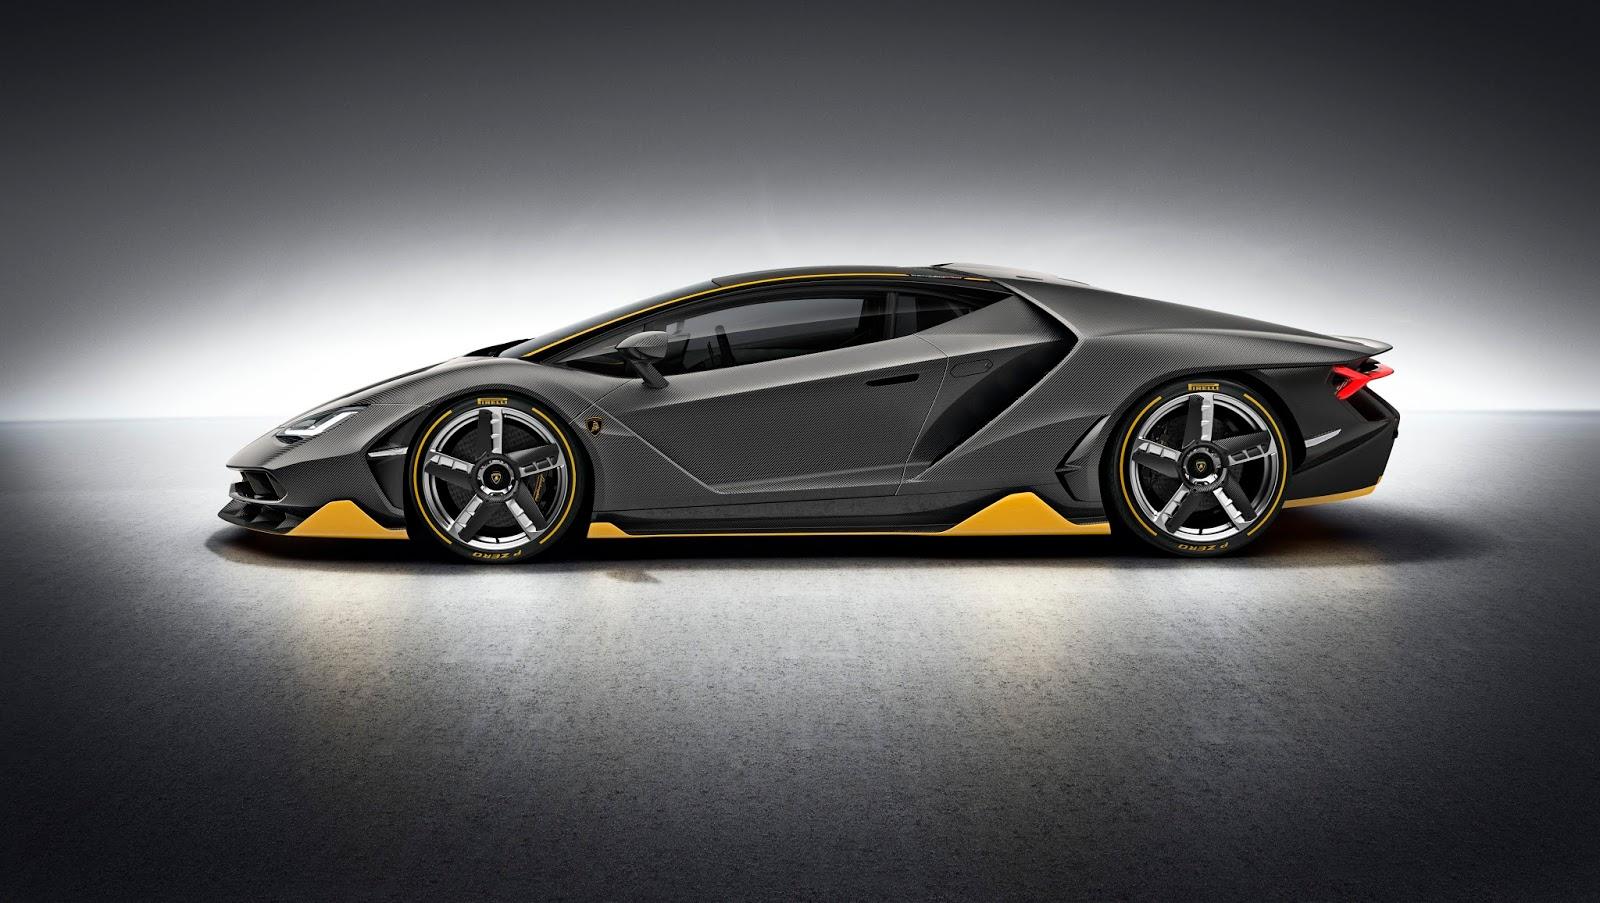 423365 Η Lamborghini Centenario είναι αφιερωμένη στον ιδρυτή της autoshow, Lamborghini, Lamborghini Centenario, supercars, videos, Σαλόνι Αυτοκινήτου της Γενεύης